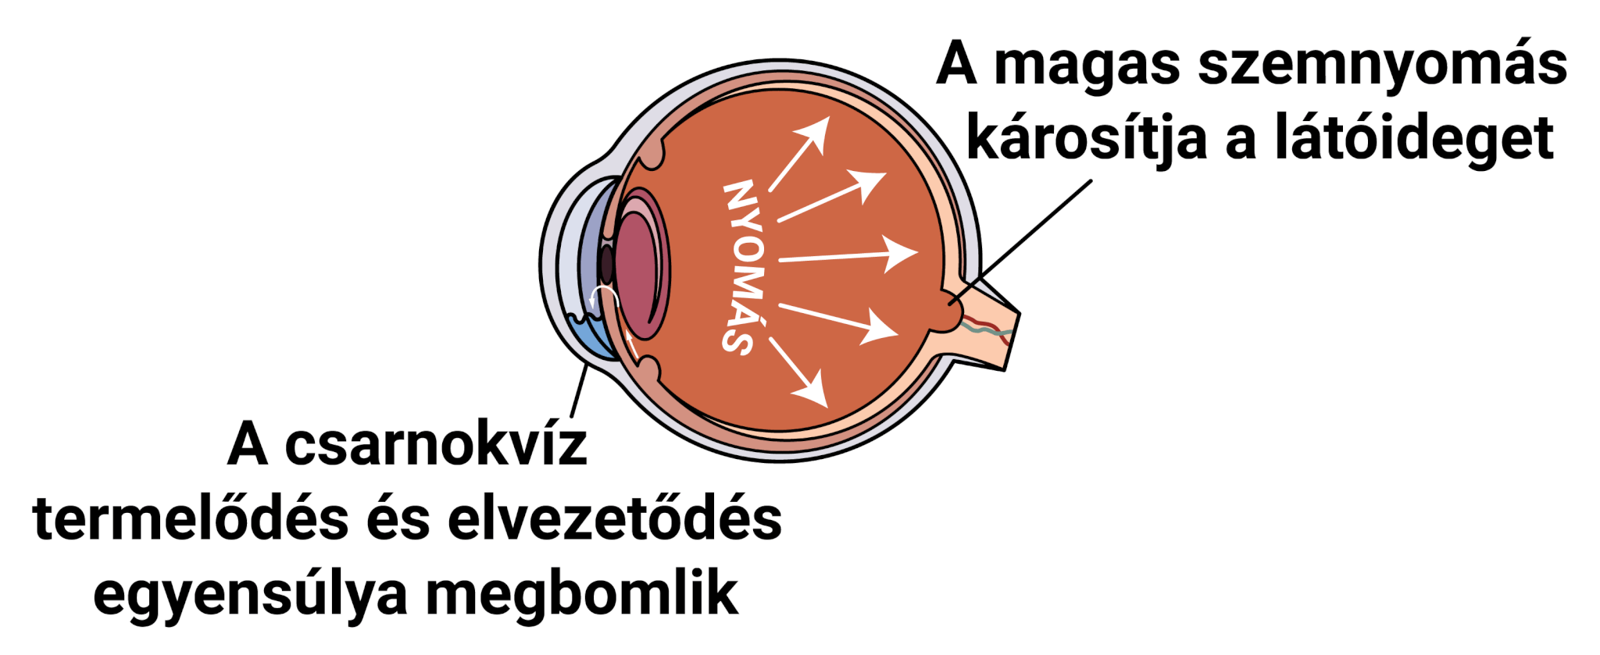 40 év után a látás romlott